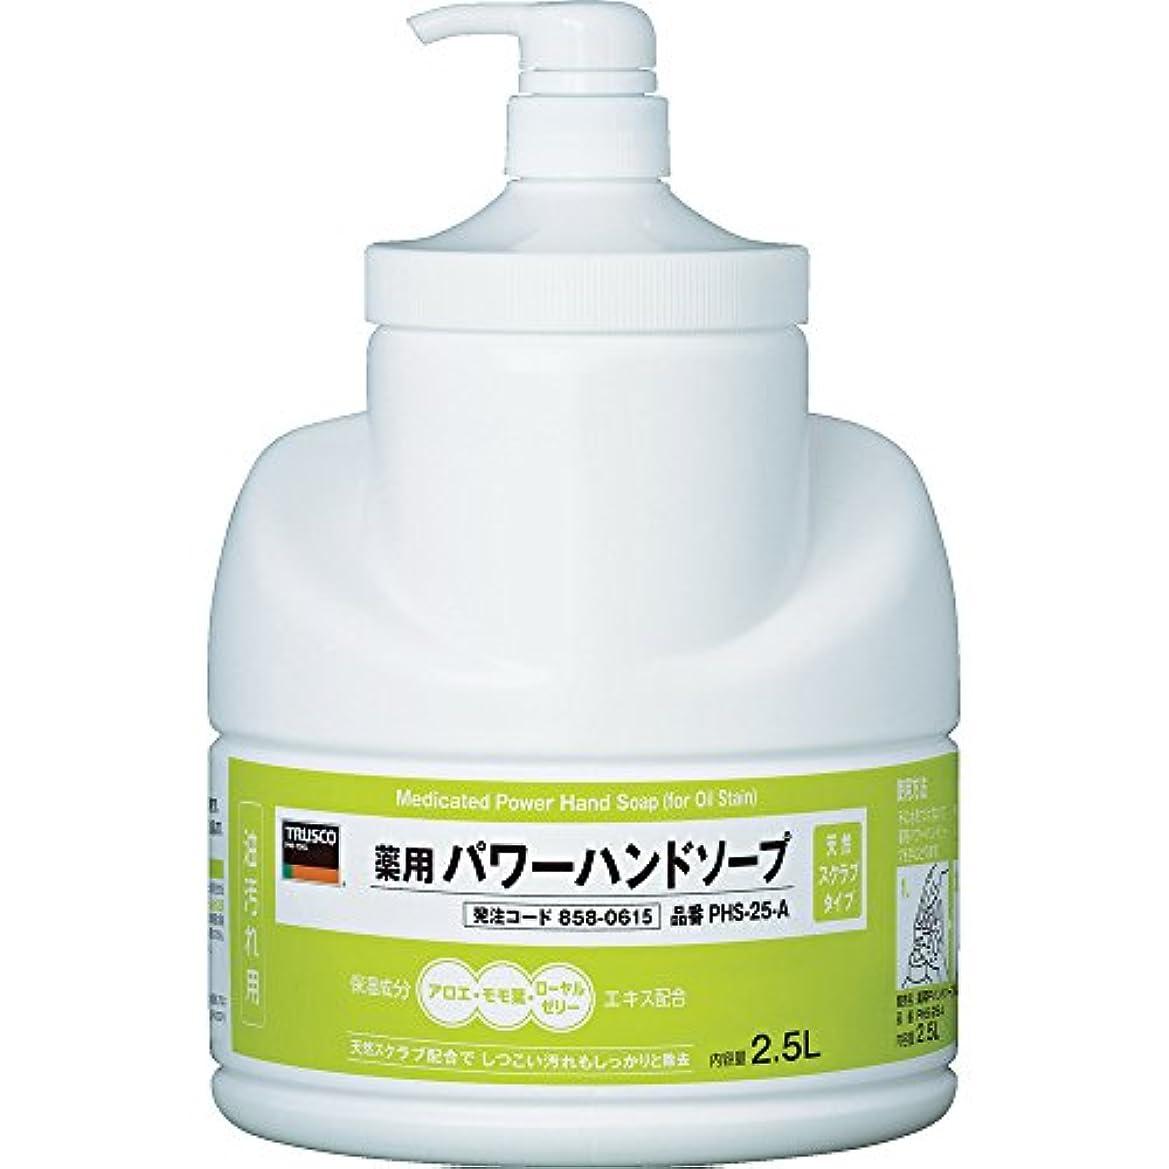 フロント入射精査するTRUSCO(トラスコ) 薬用パワーハンドソープポンプボトル 2.5L PHS-25-A